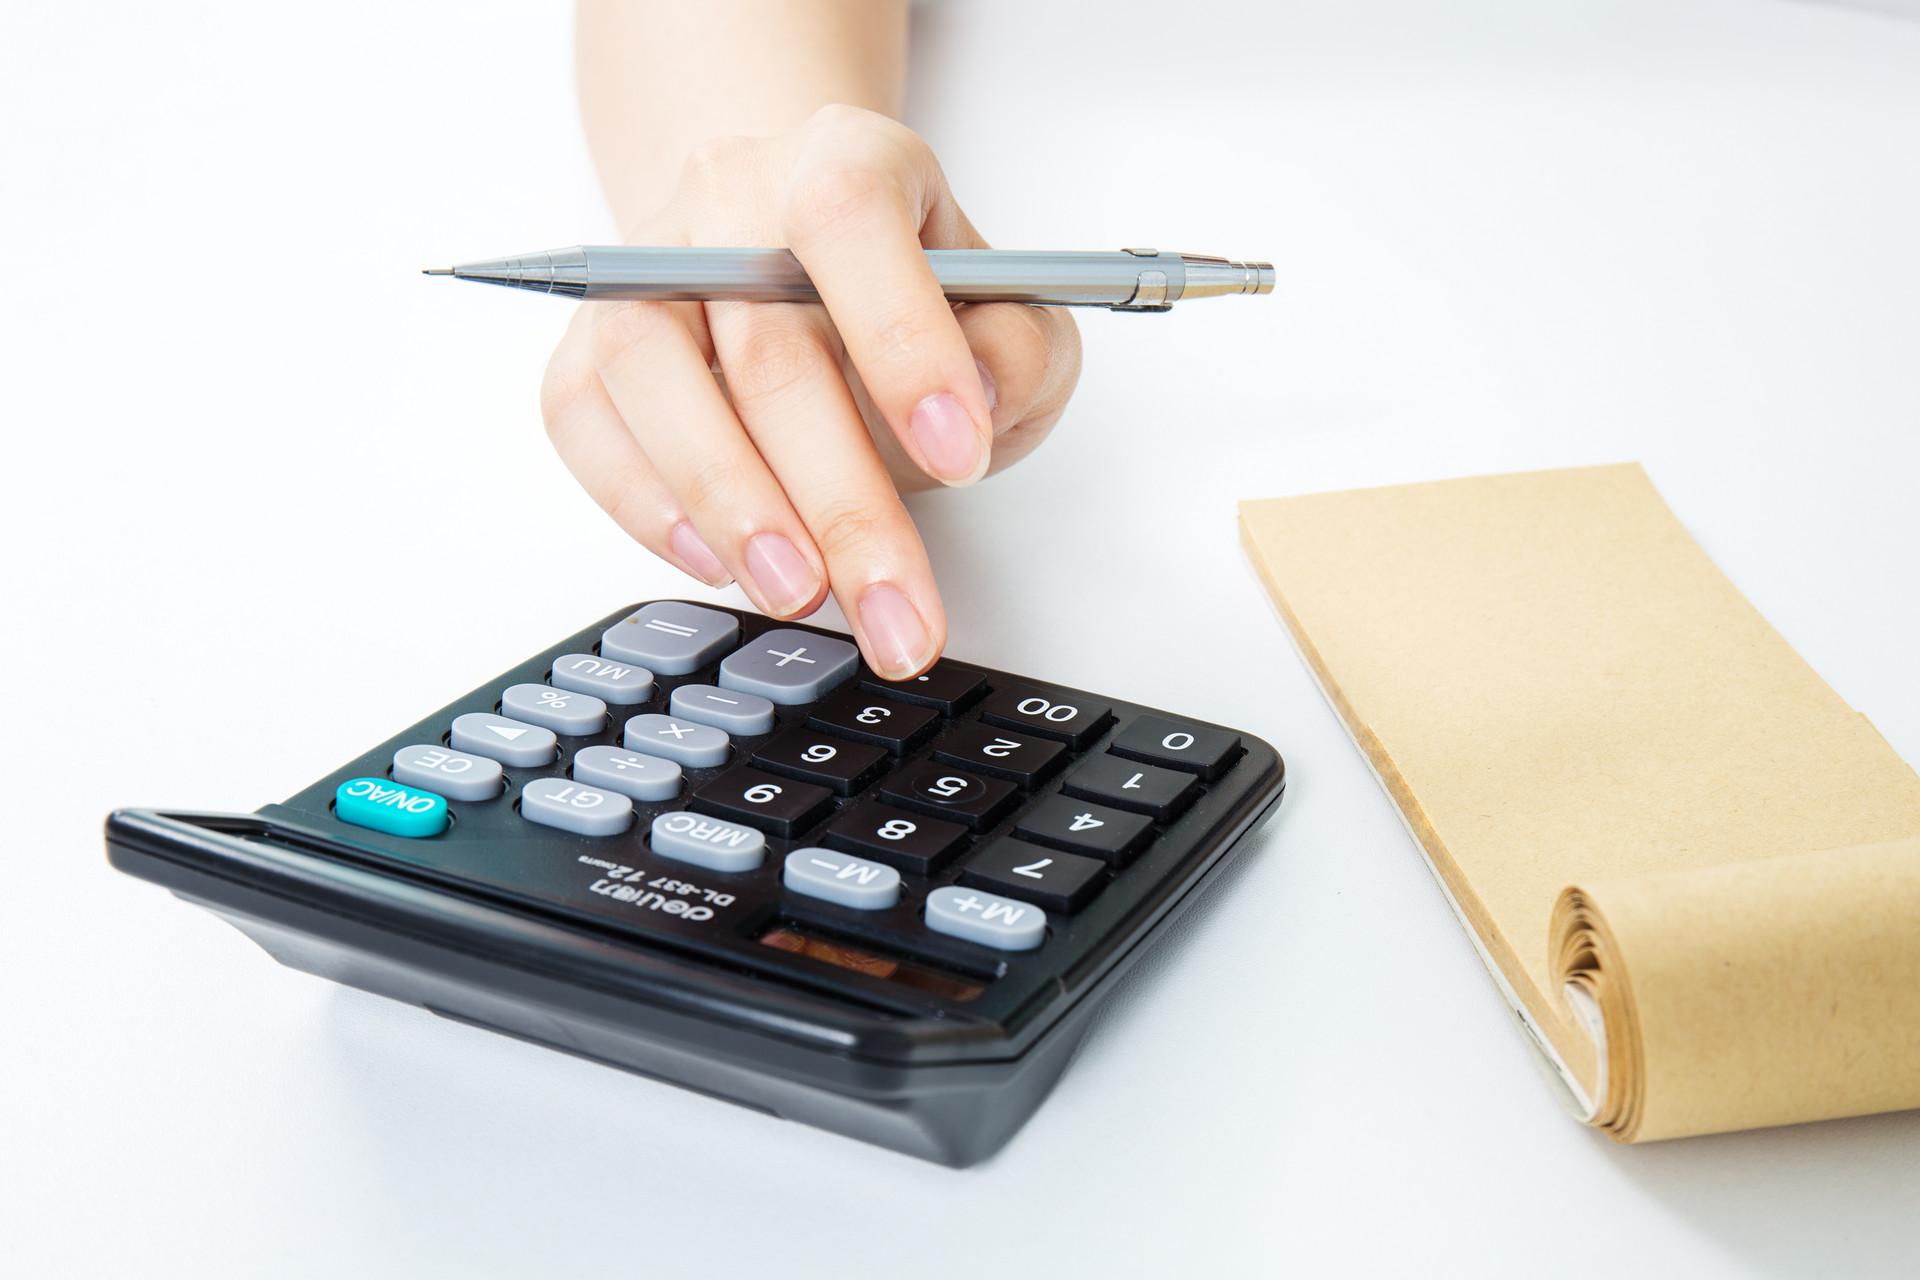 公司买社保和个人买社保有什么区别?是一样的吗?